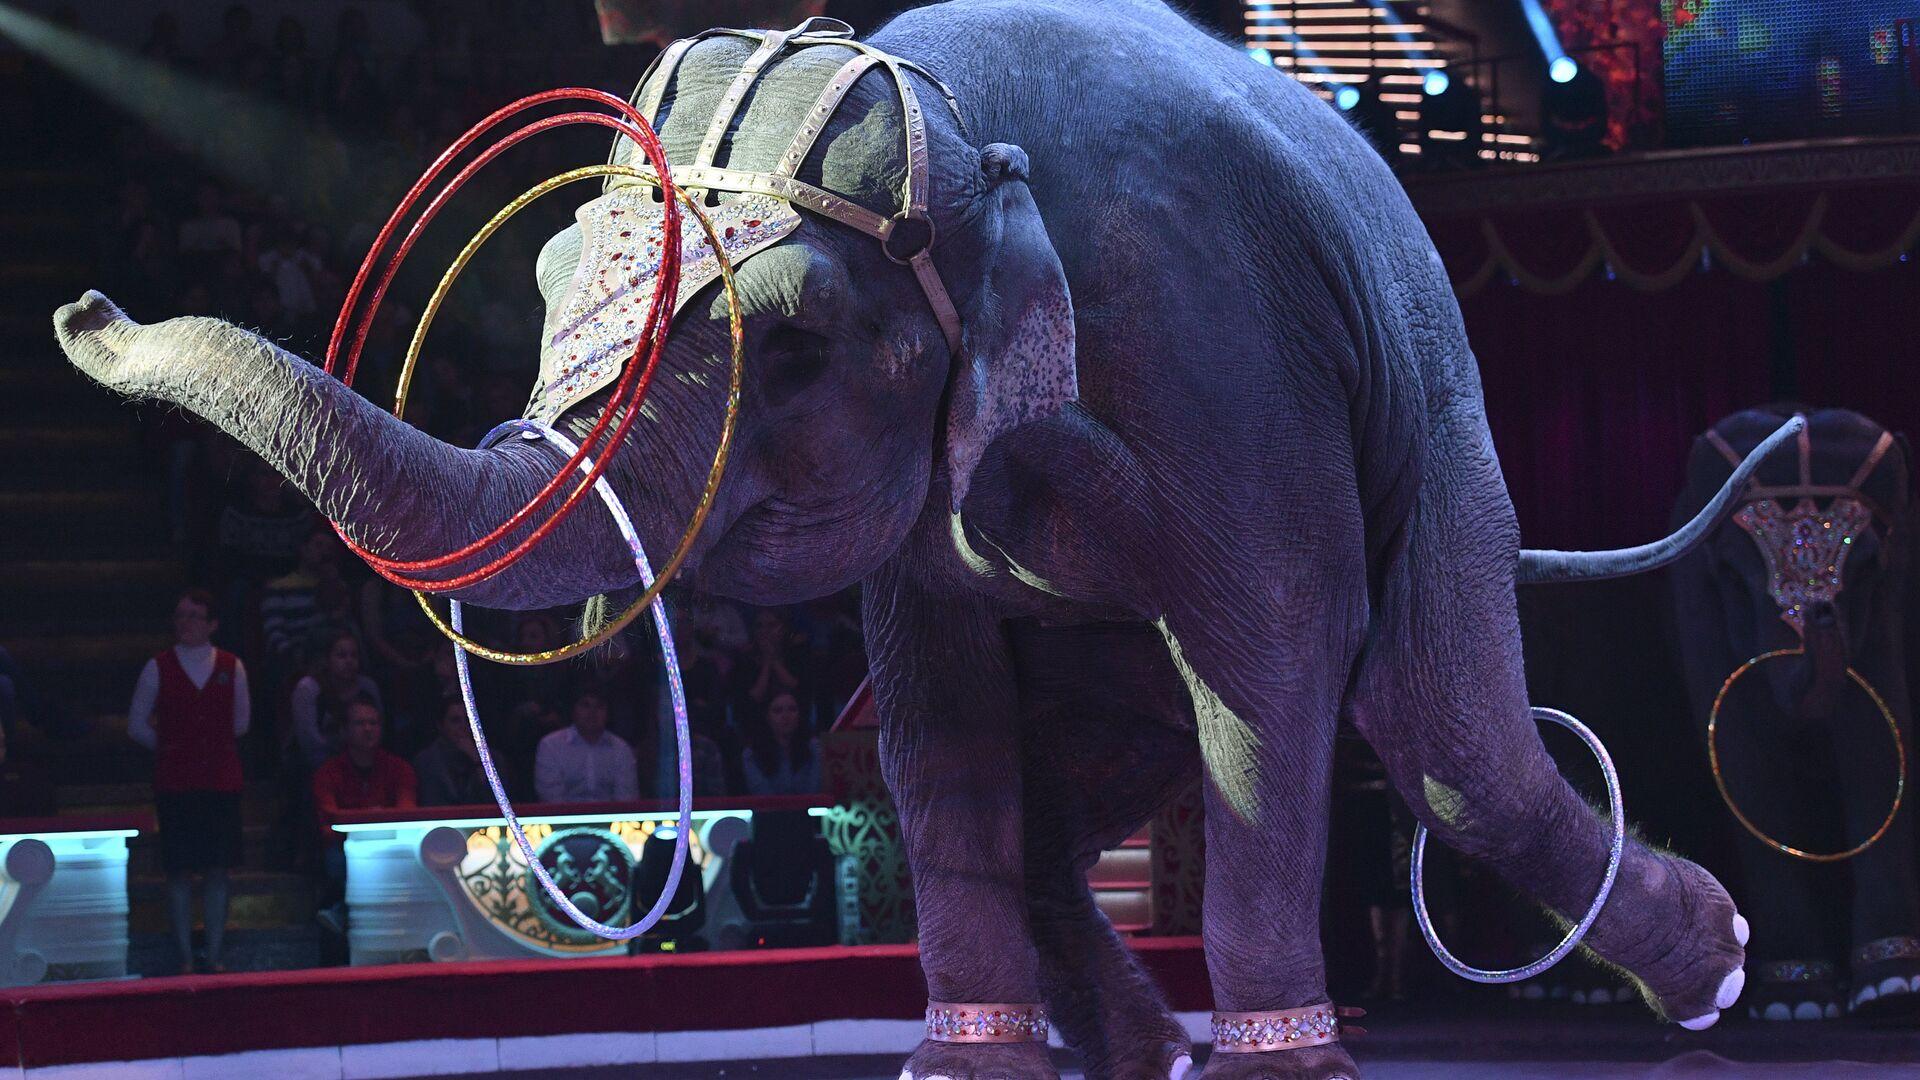 Слон во время циркового номера новой программы Браво на арене Московского цирка Никулина на Цветном бульваре в Москве - РИА Новости, 1920, 21.03.2021